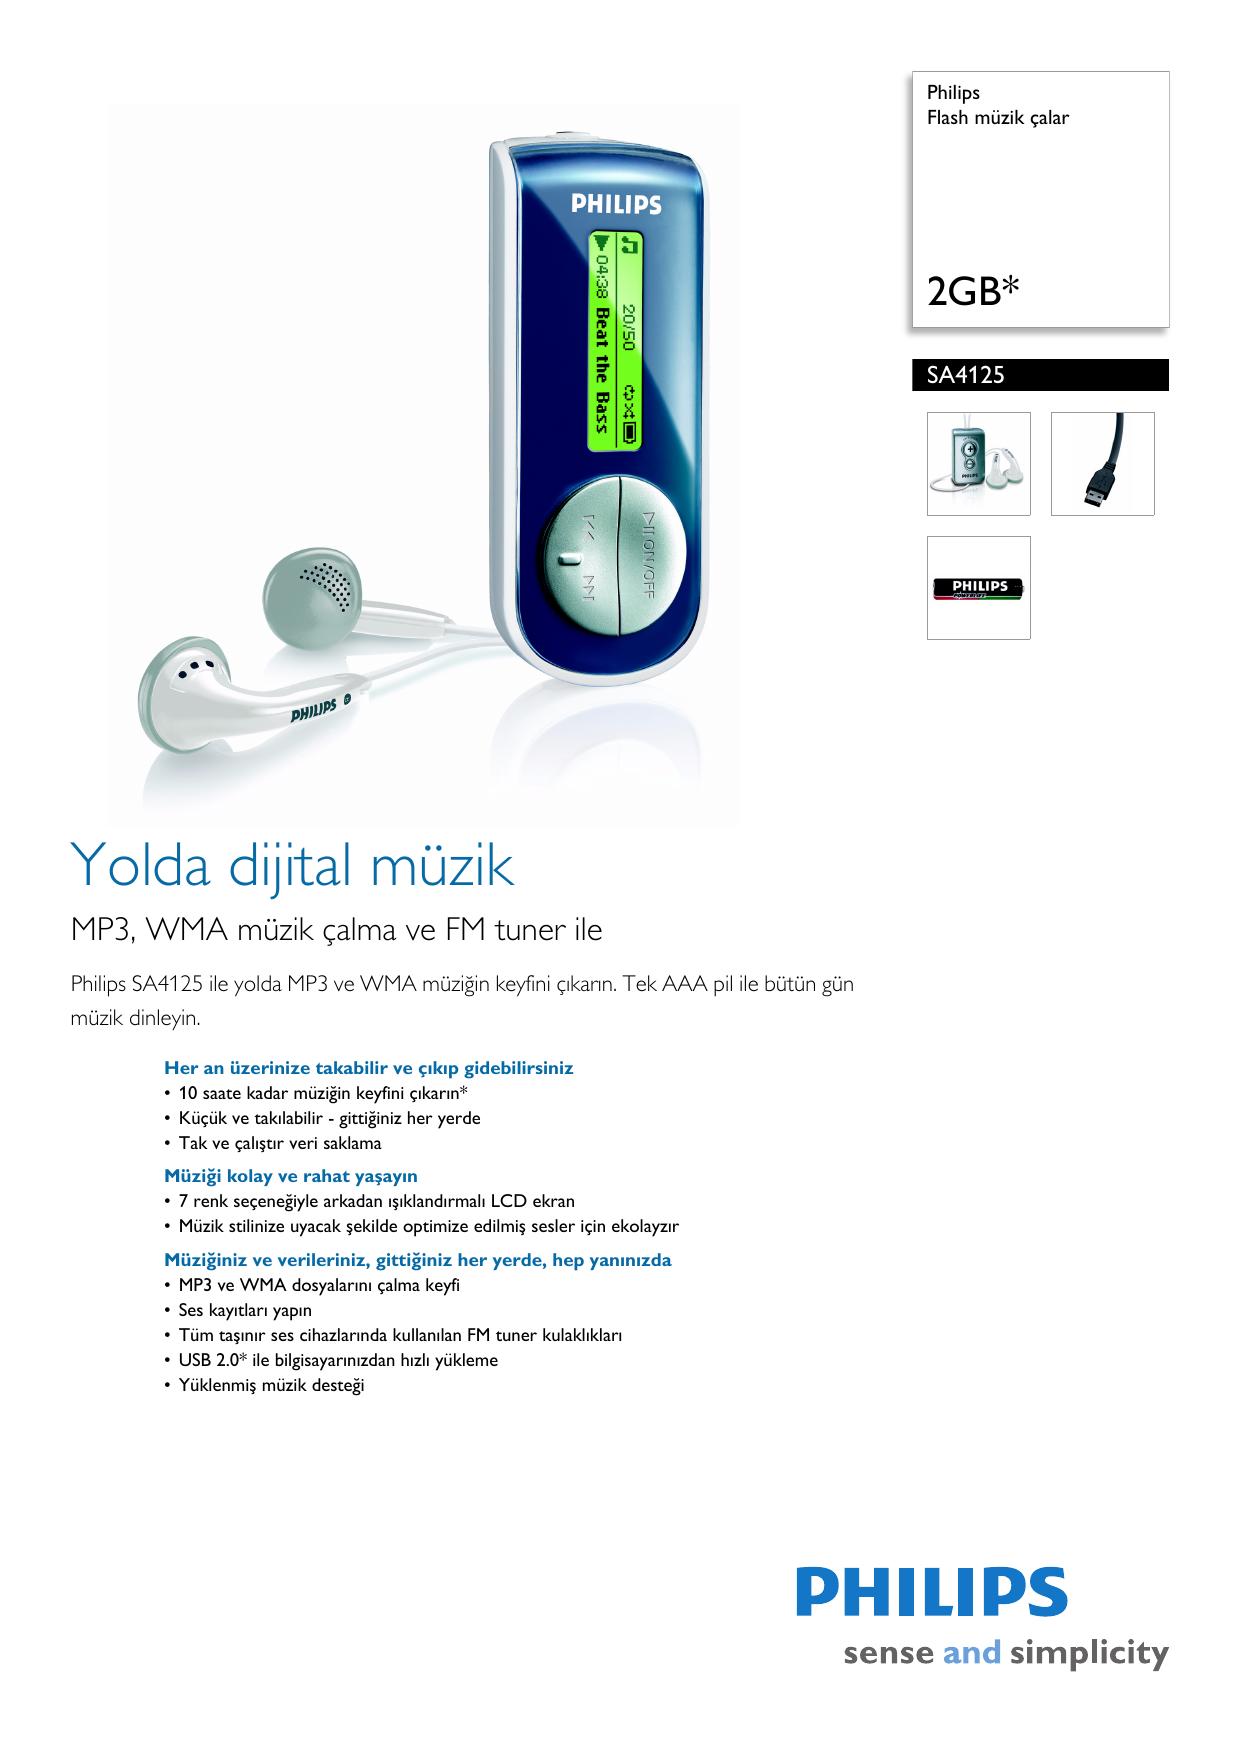 Sa4125 02 Philips Flash Mzik Alar Tekaaa